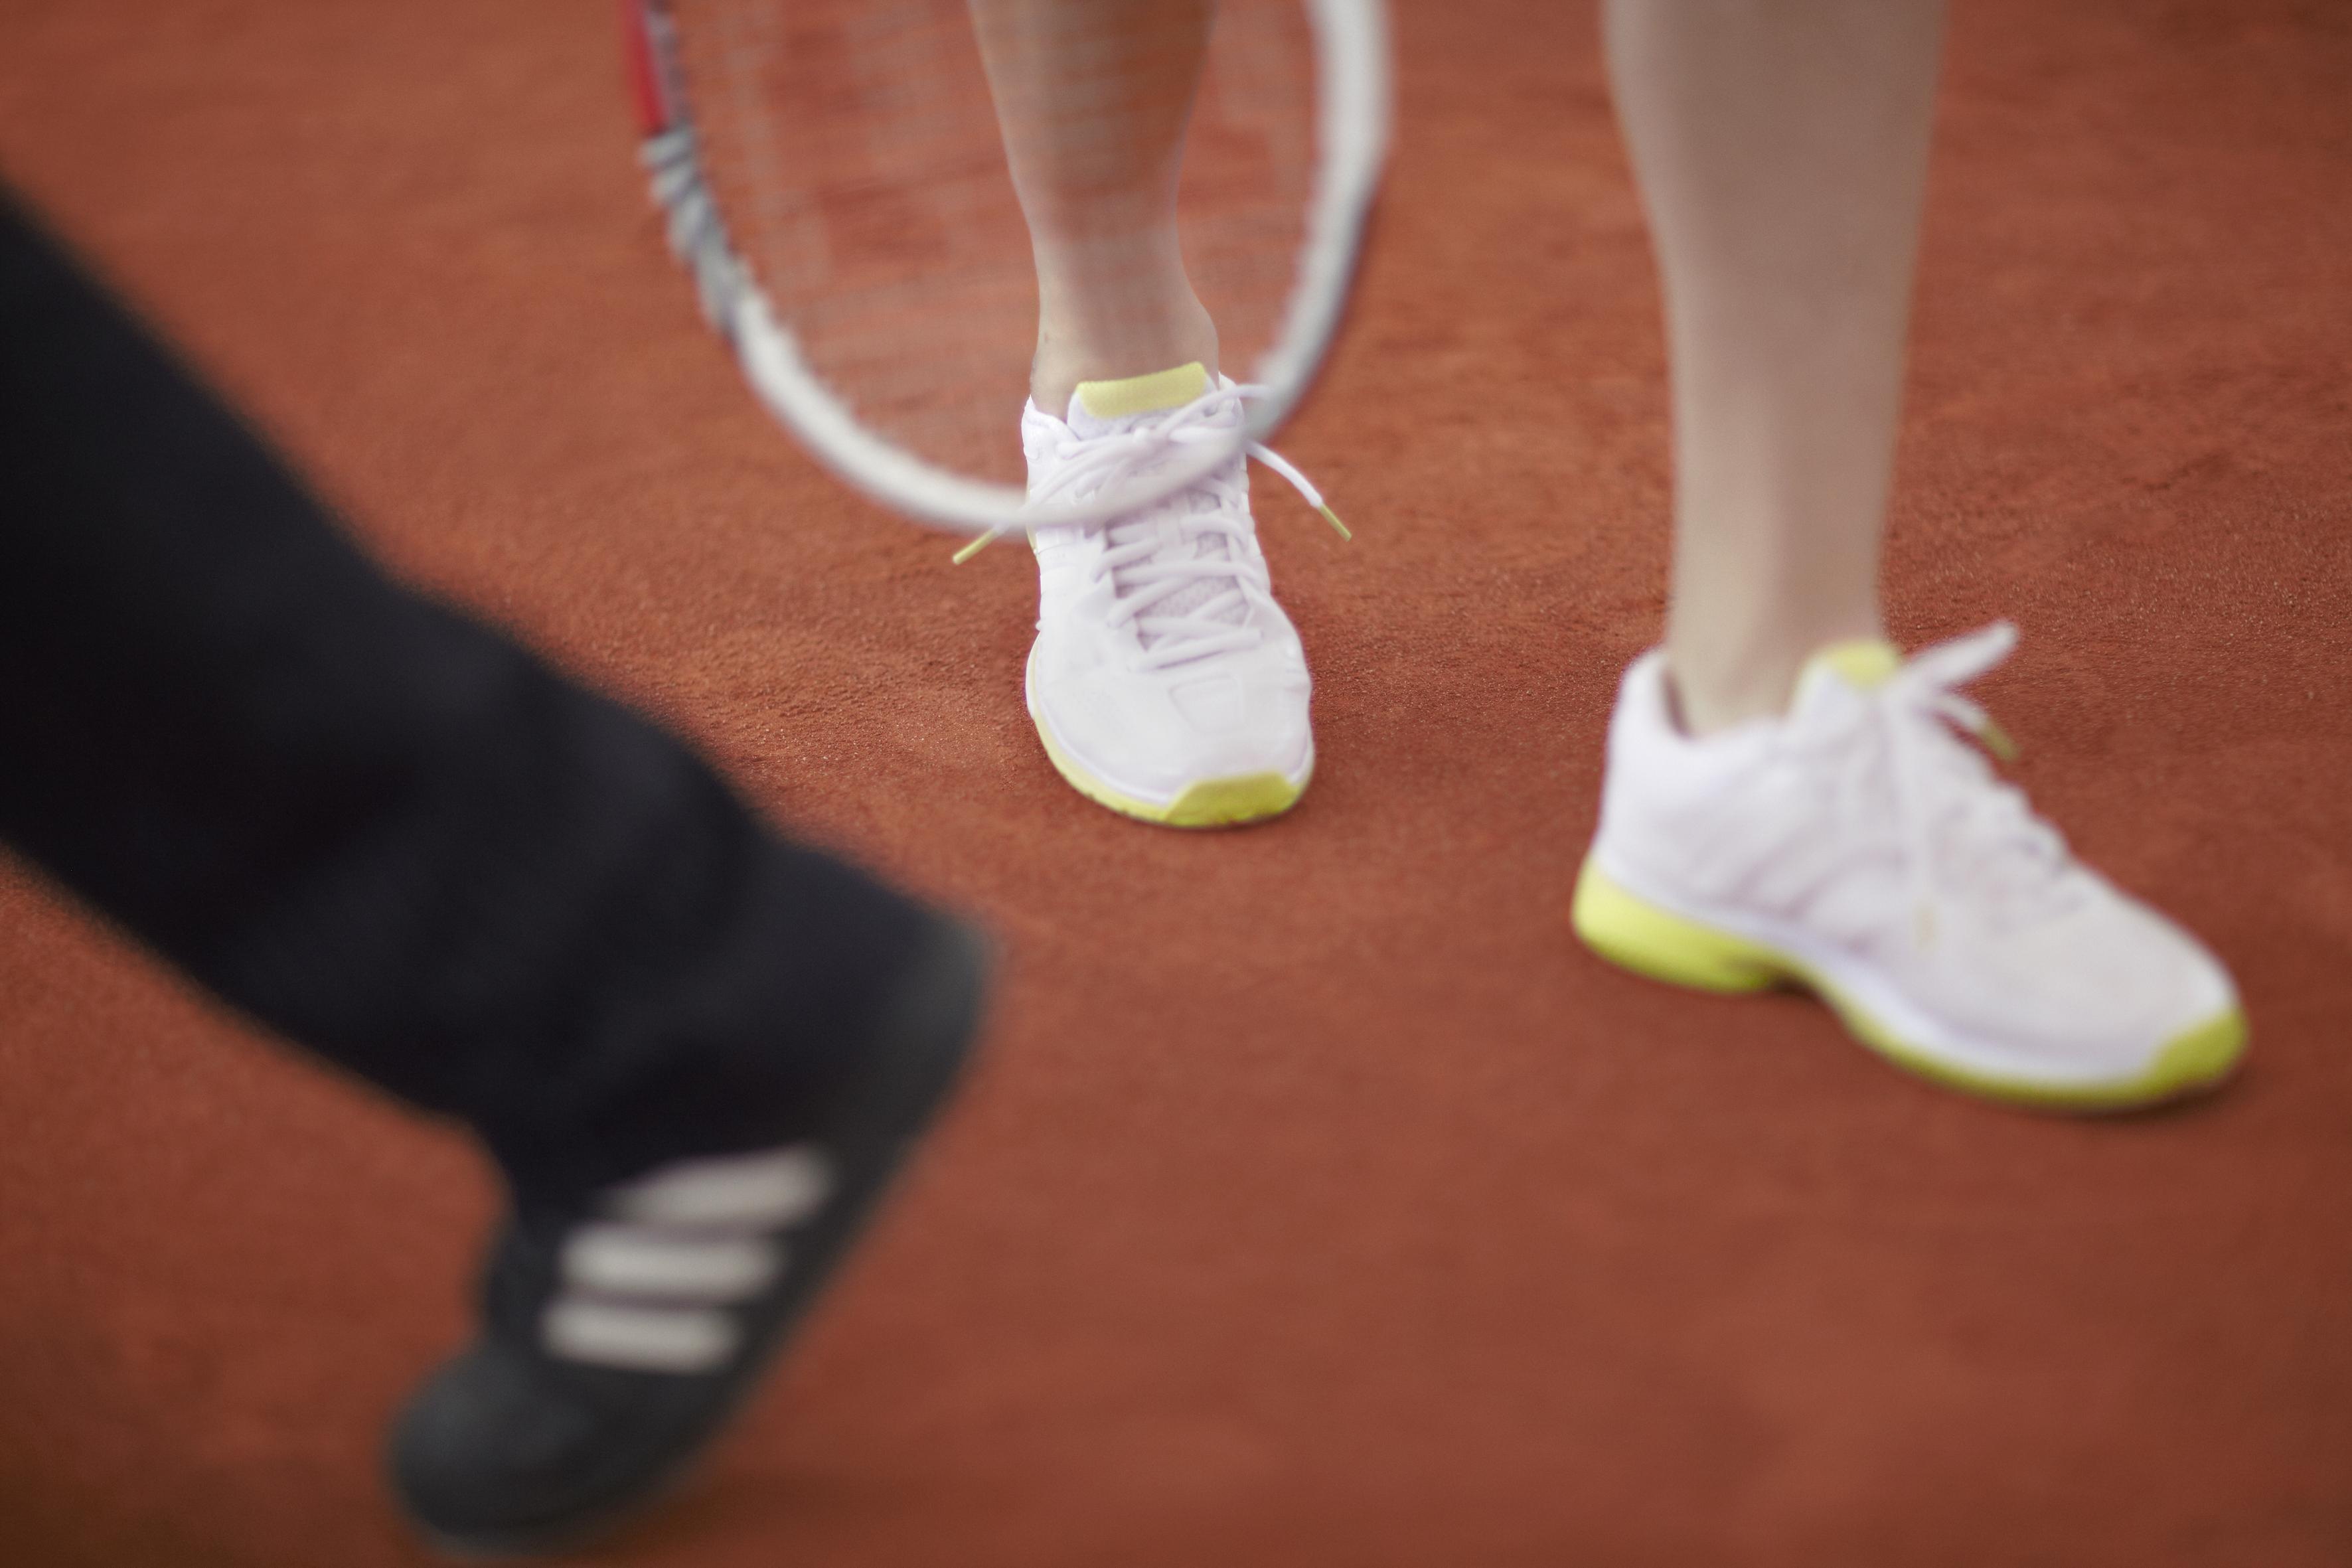 adidas tennis barricade by Stella McCartney - Shoes